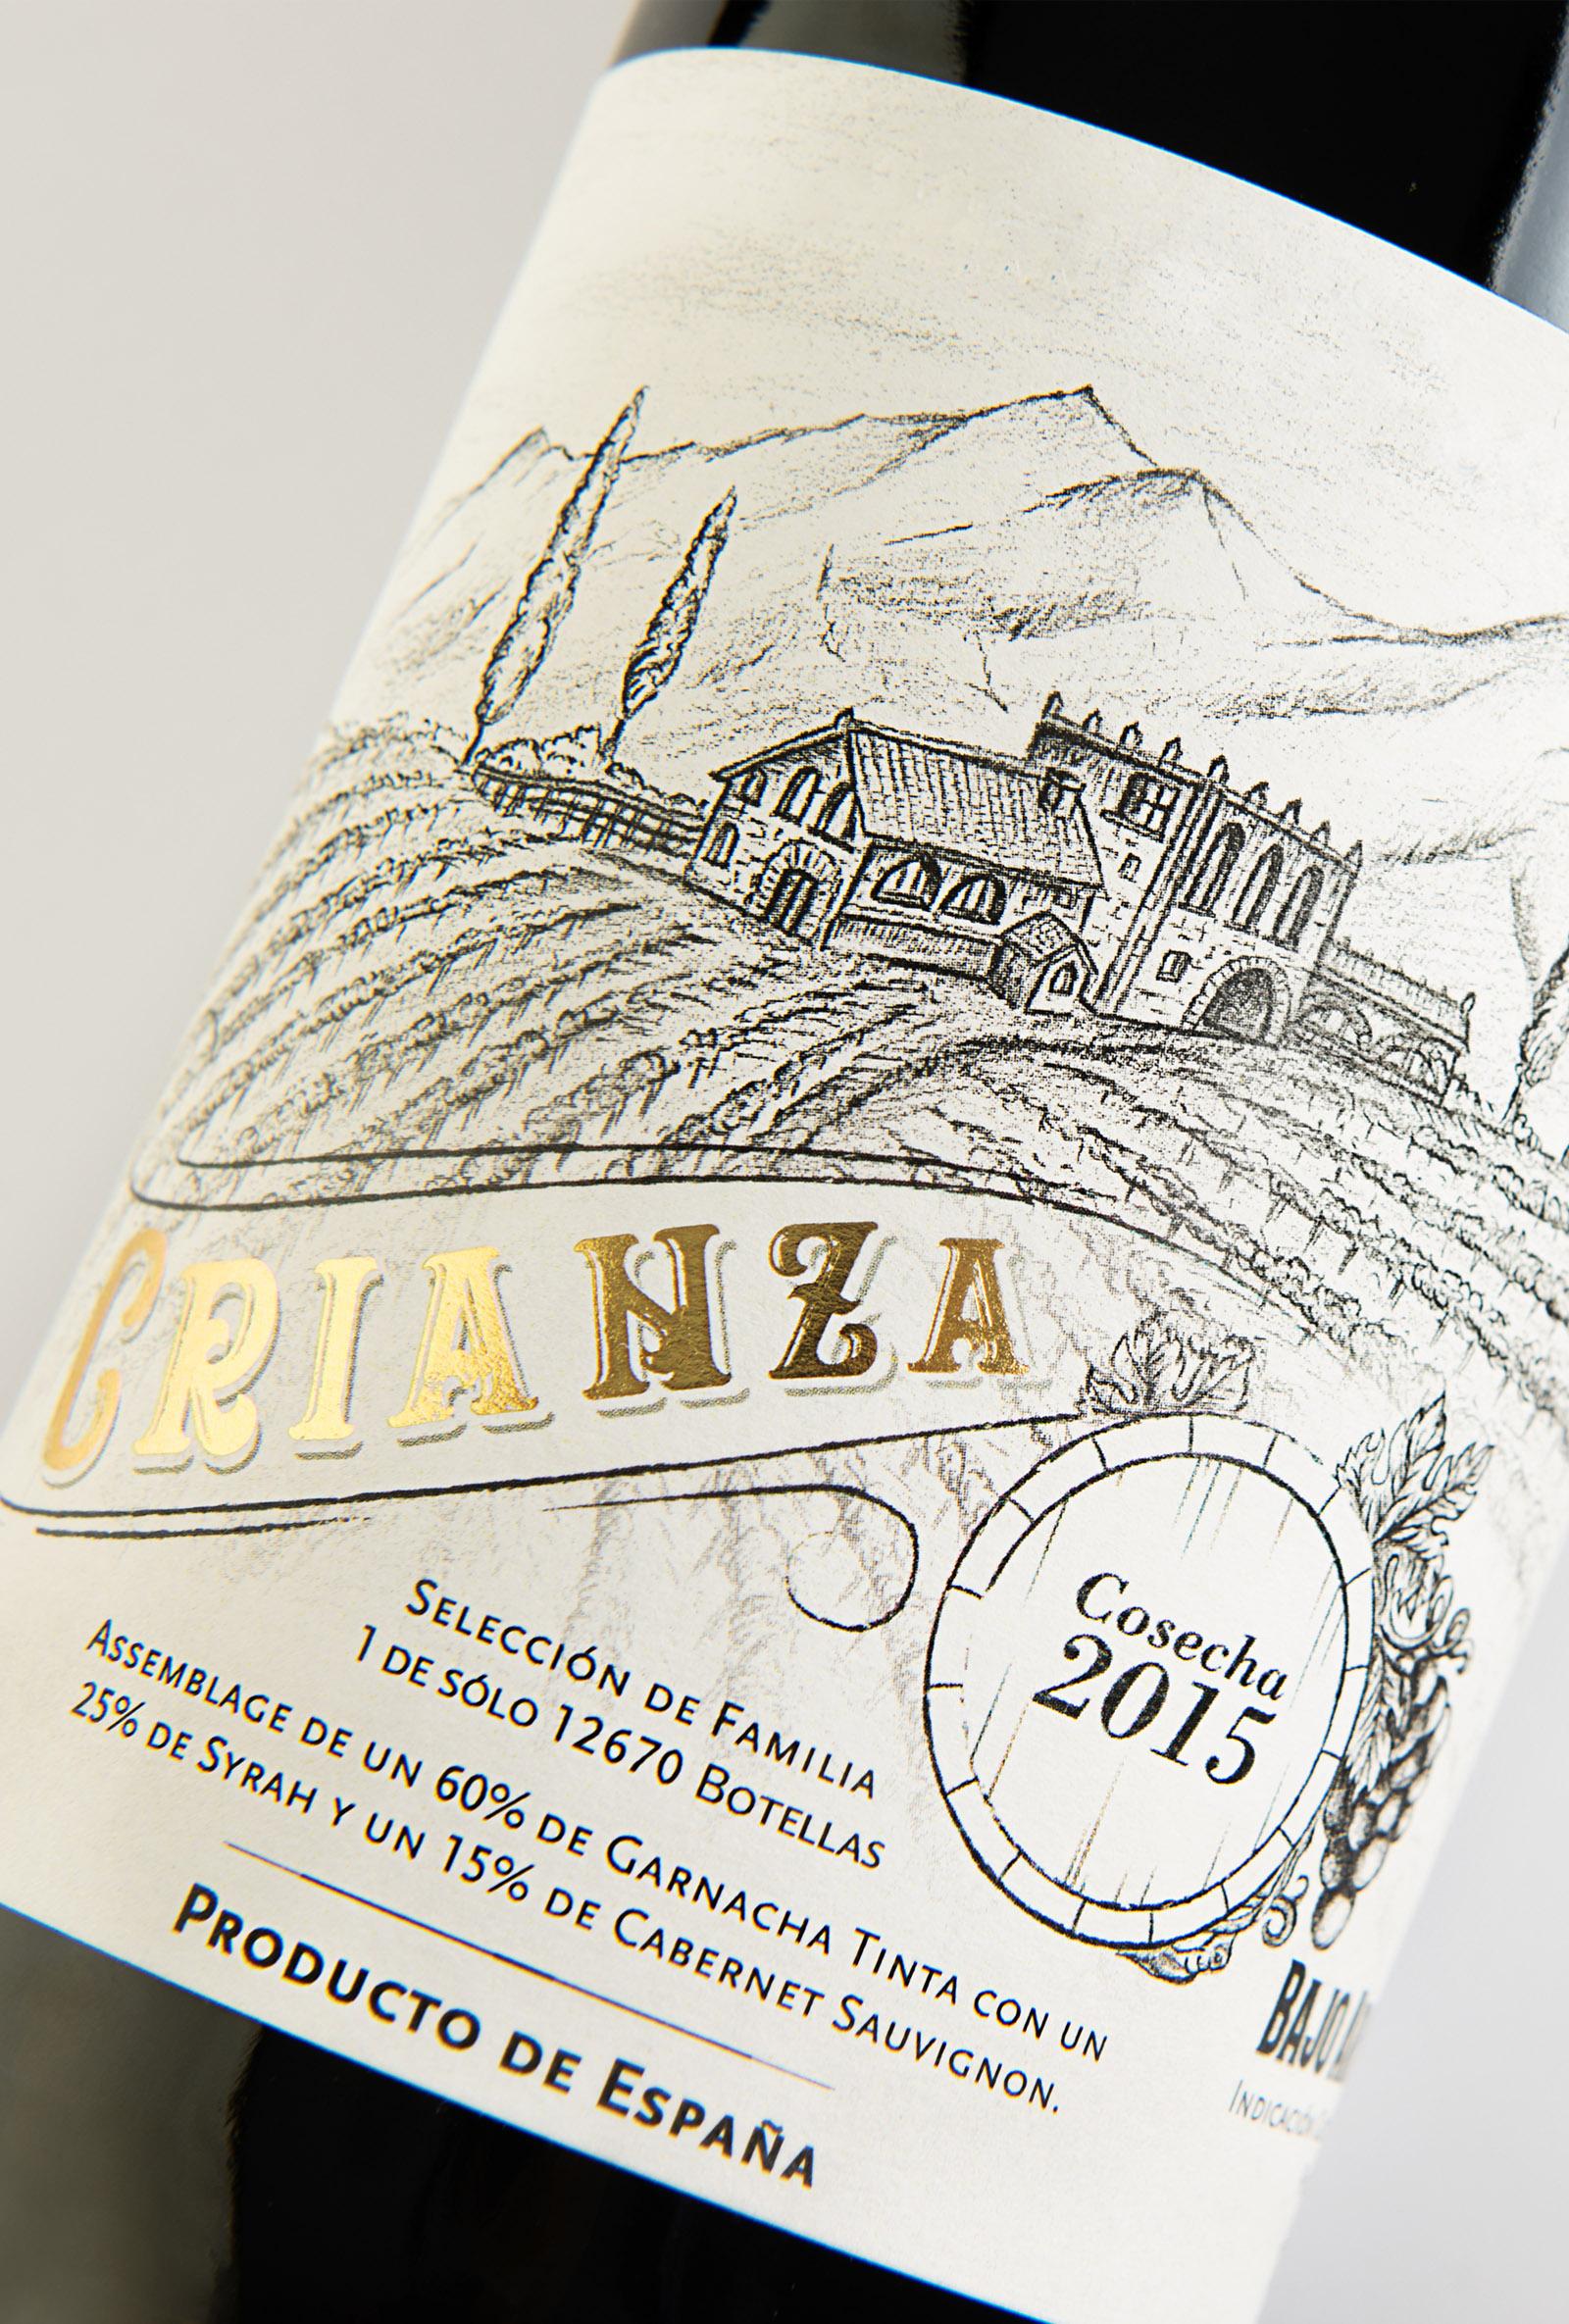 Diseño de etiqueta de vino tinto, etiqueta co stamping dorado, dibujo a carboncillo